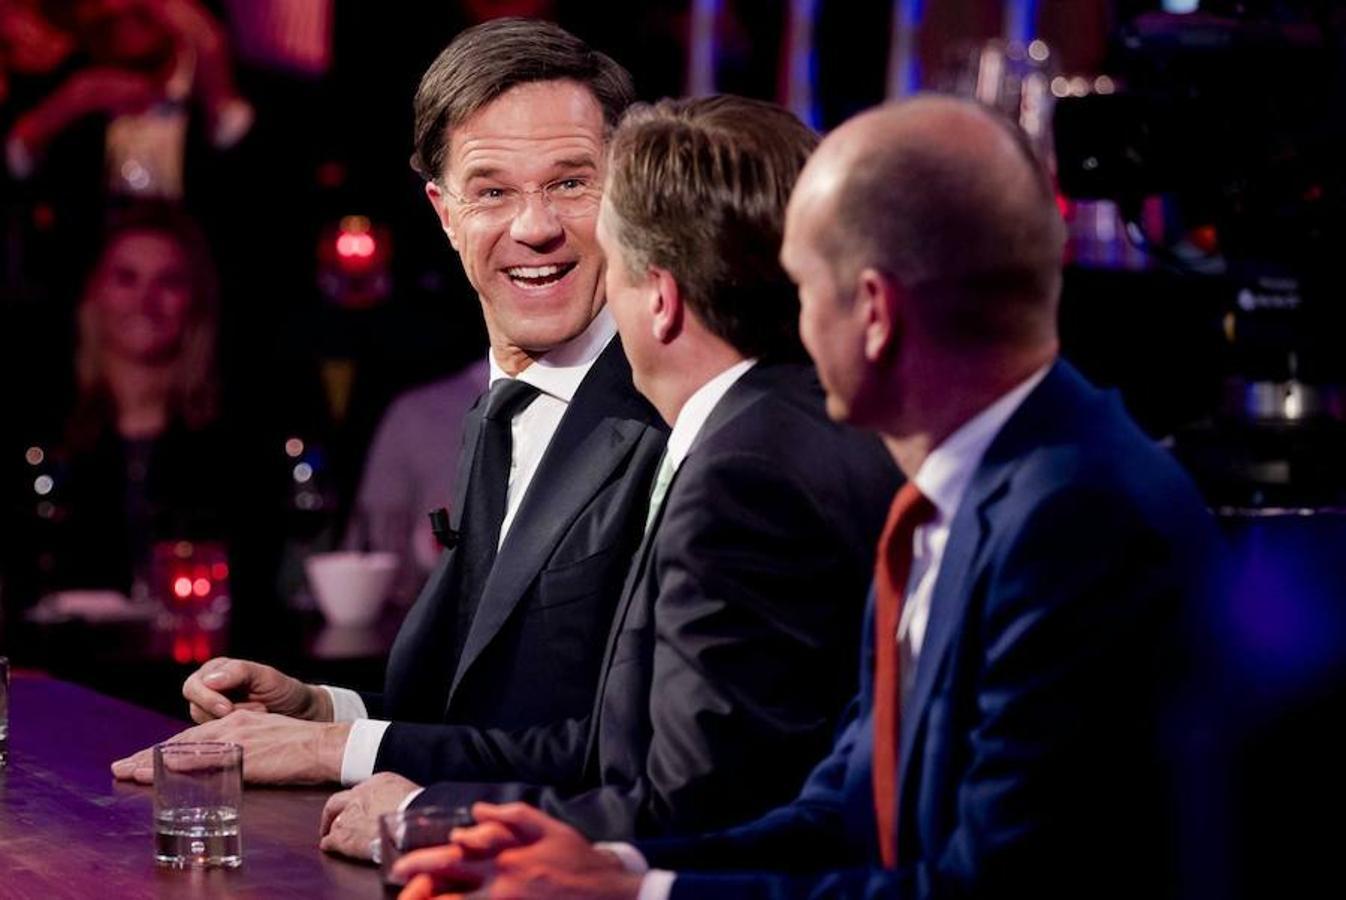 El partido liberal VVD del primer ministro holandés, Mark Rutte, ha ganado las elecciones generales celebradas el miércoles en Holanda al lograr 33 escaños